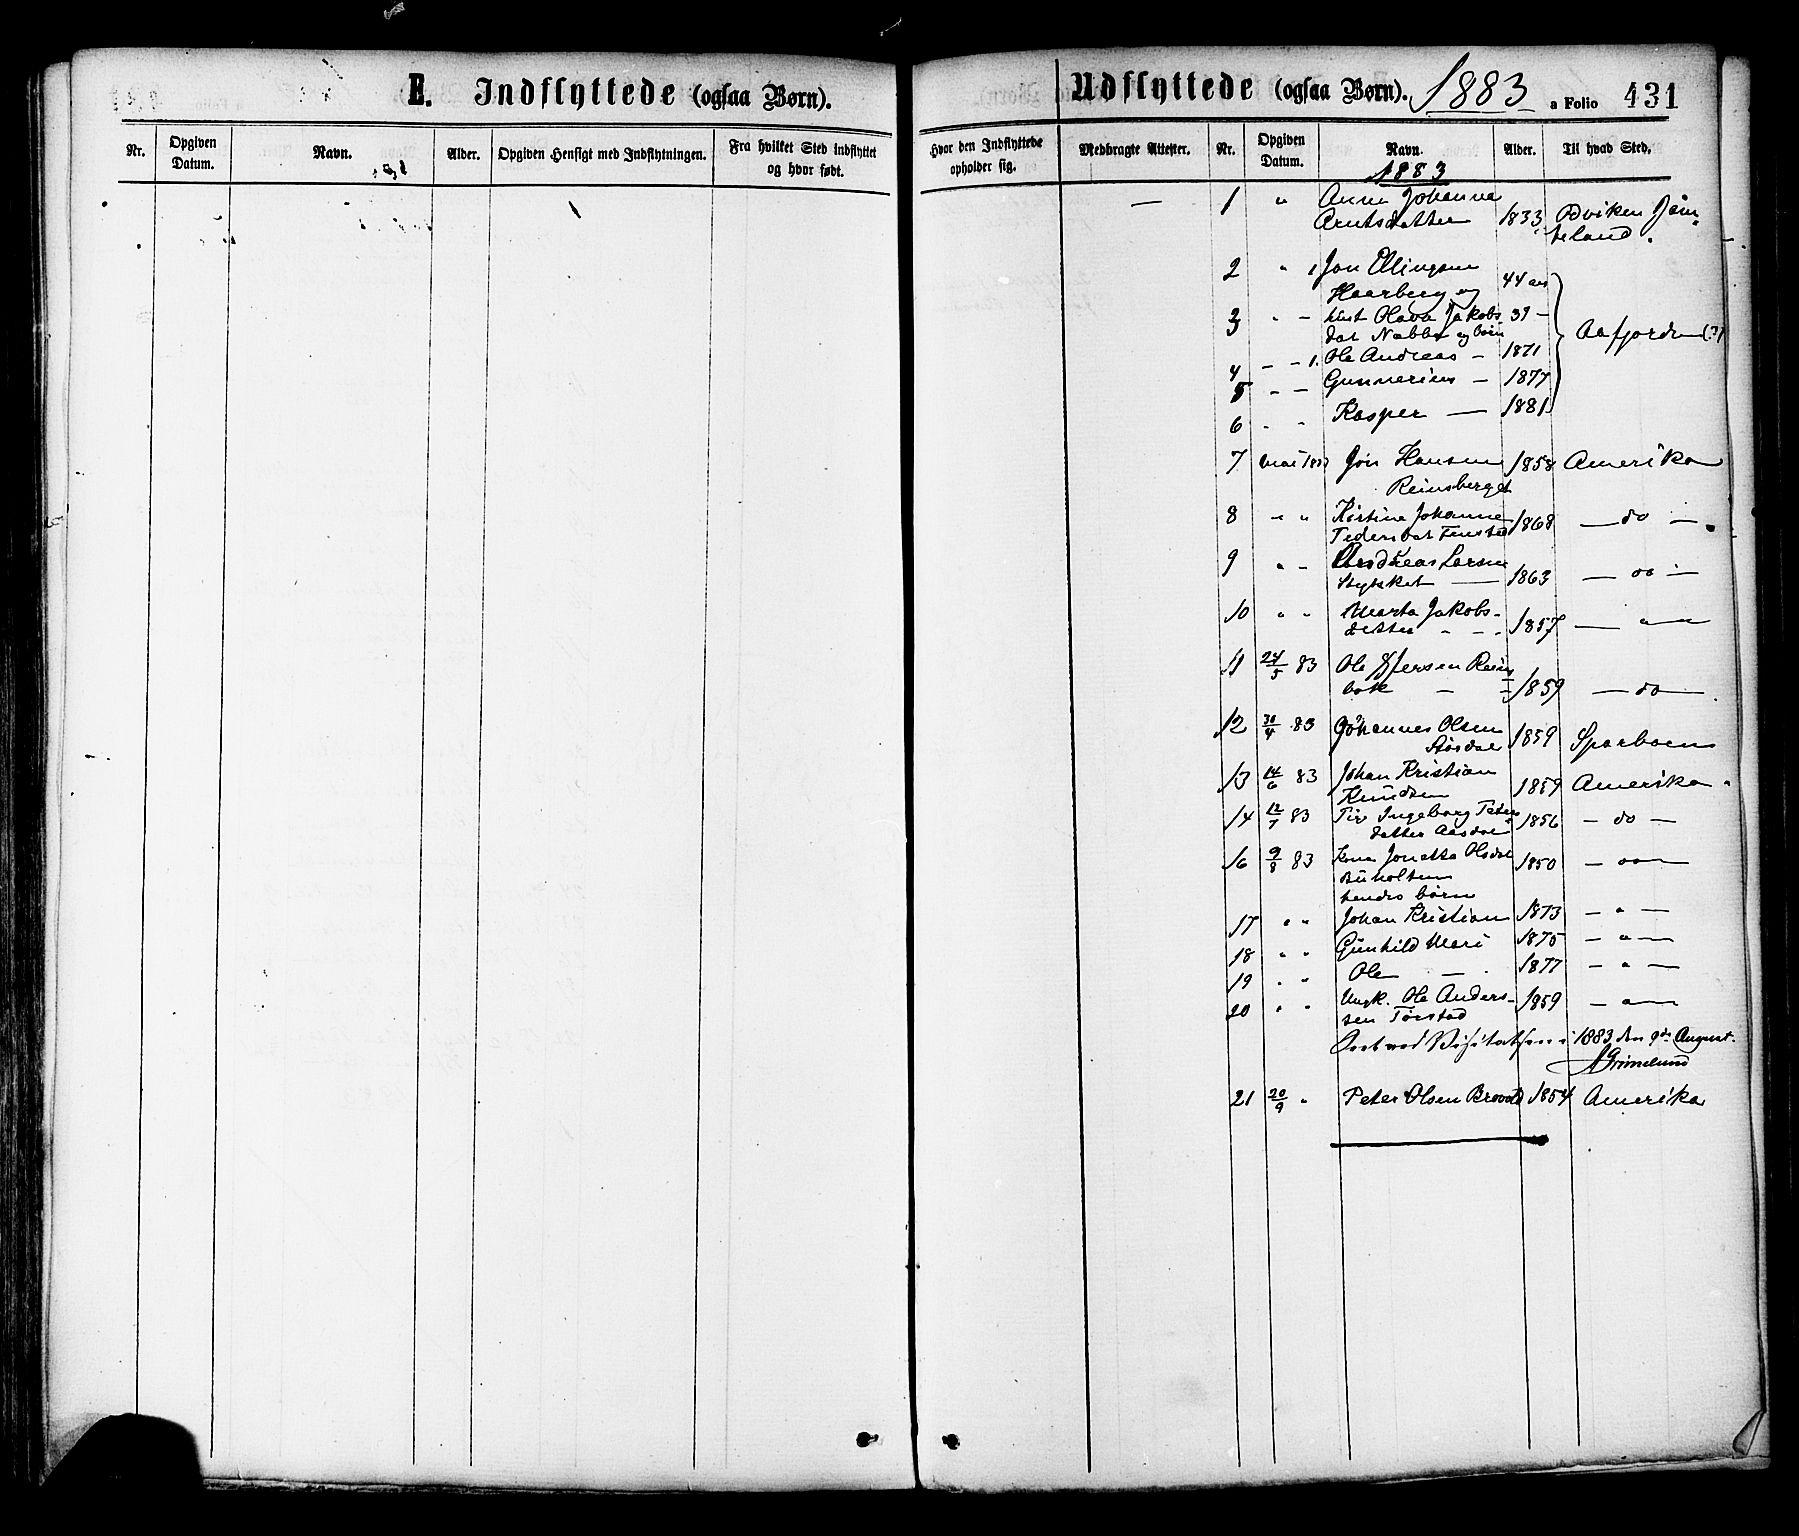 SAT, Ministerialprotokoller, klokkerbøker og fødselsregistre - Sør-Trøndelag, 646/L0613: Ministerialbok nr. 646A11, 1870-1884, s. 431